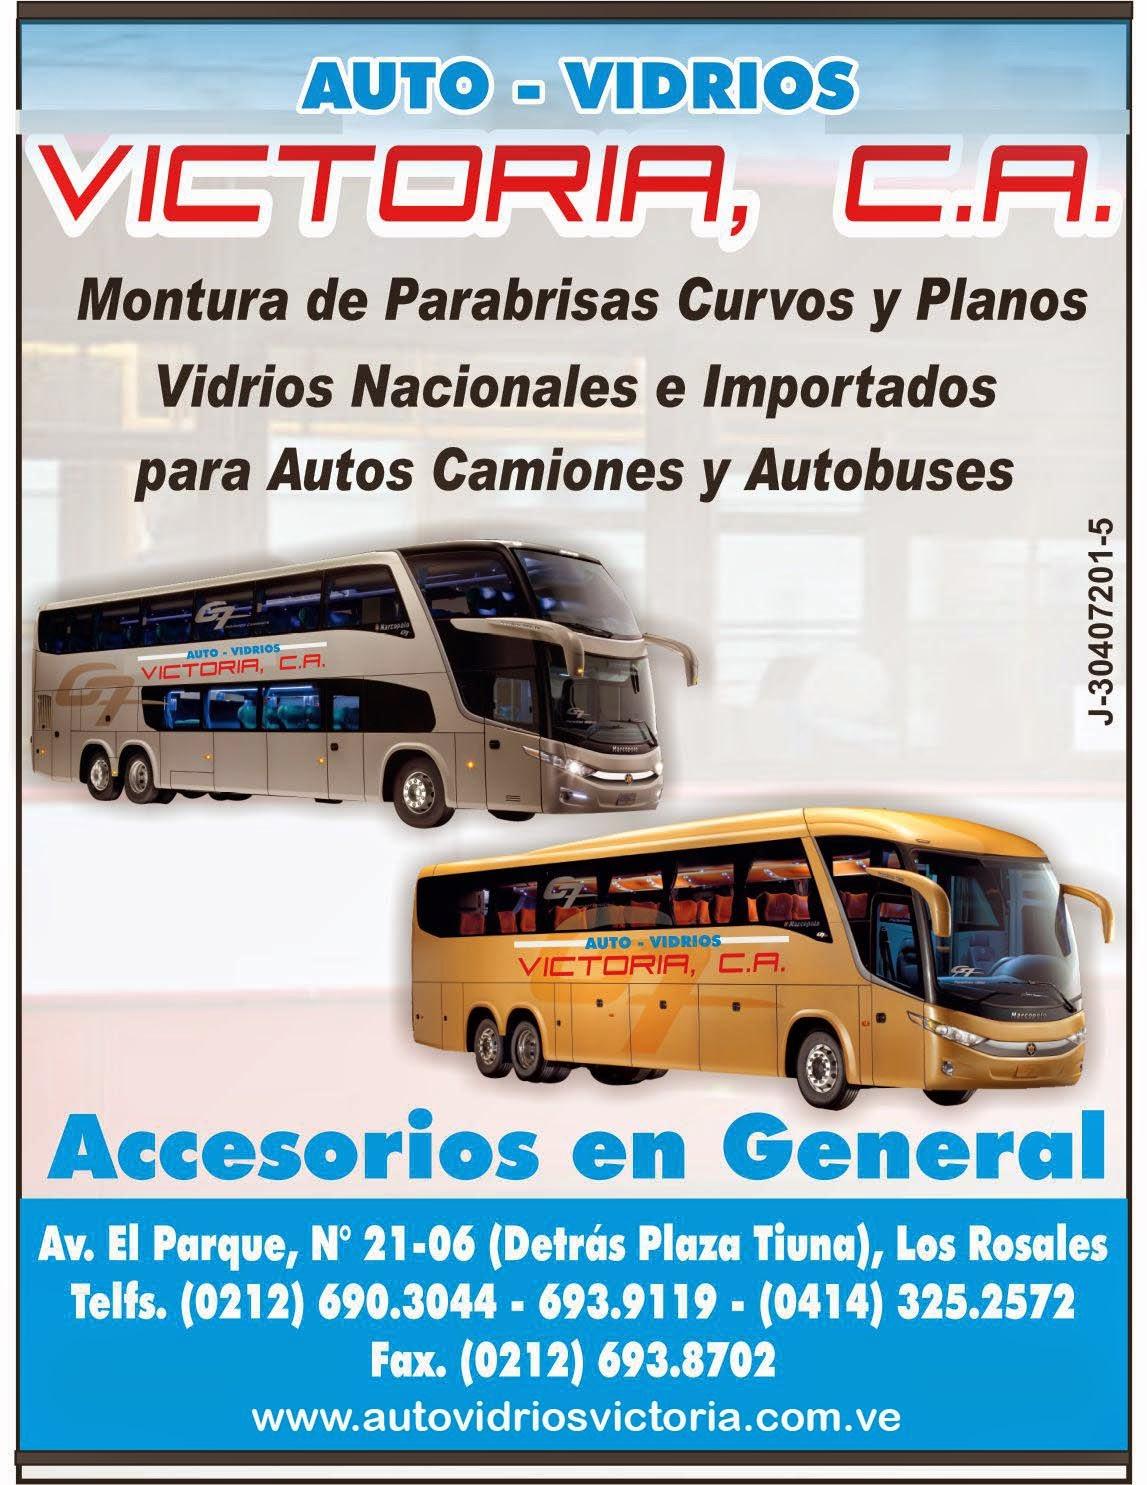 AUTO VIDRIOS VICTORIA, C.A. en Paginas Amarillas tu guia Comercial